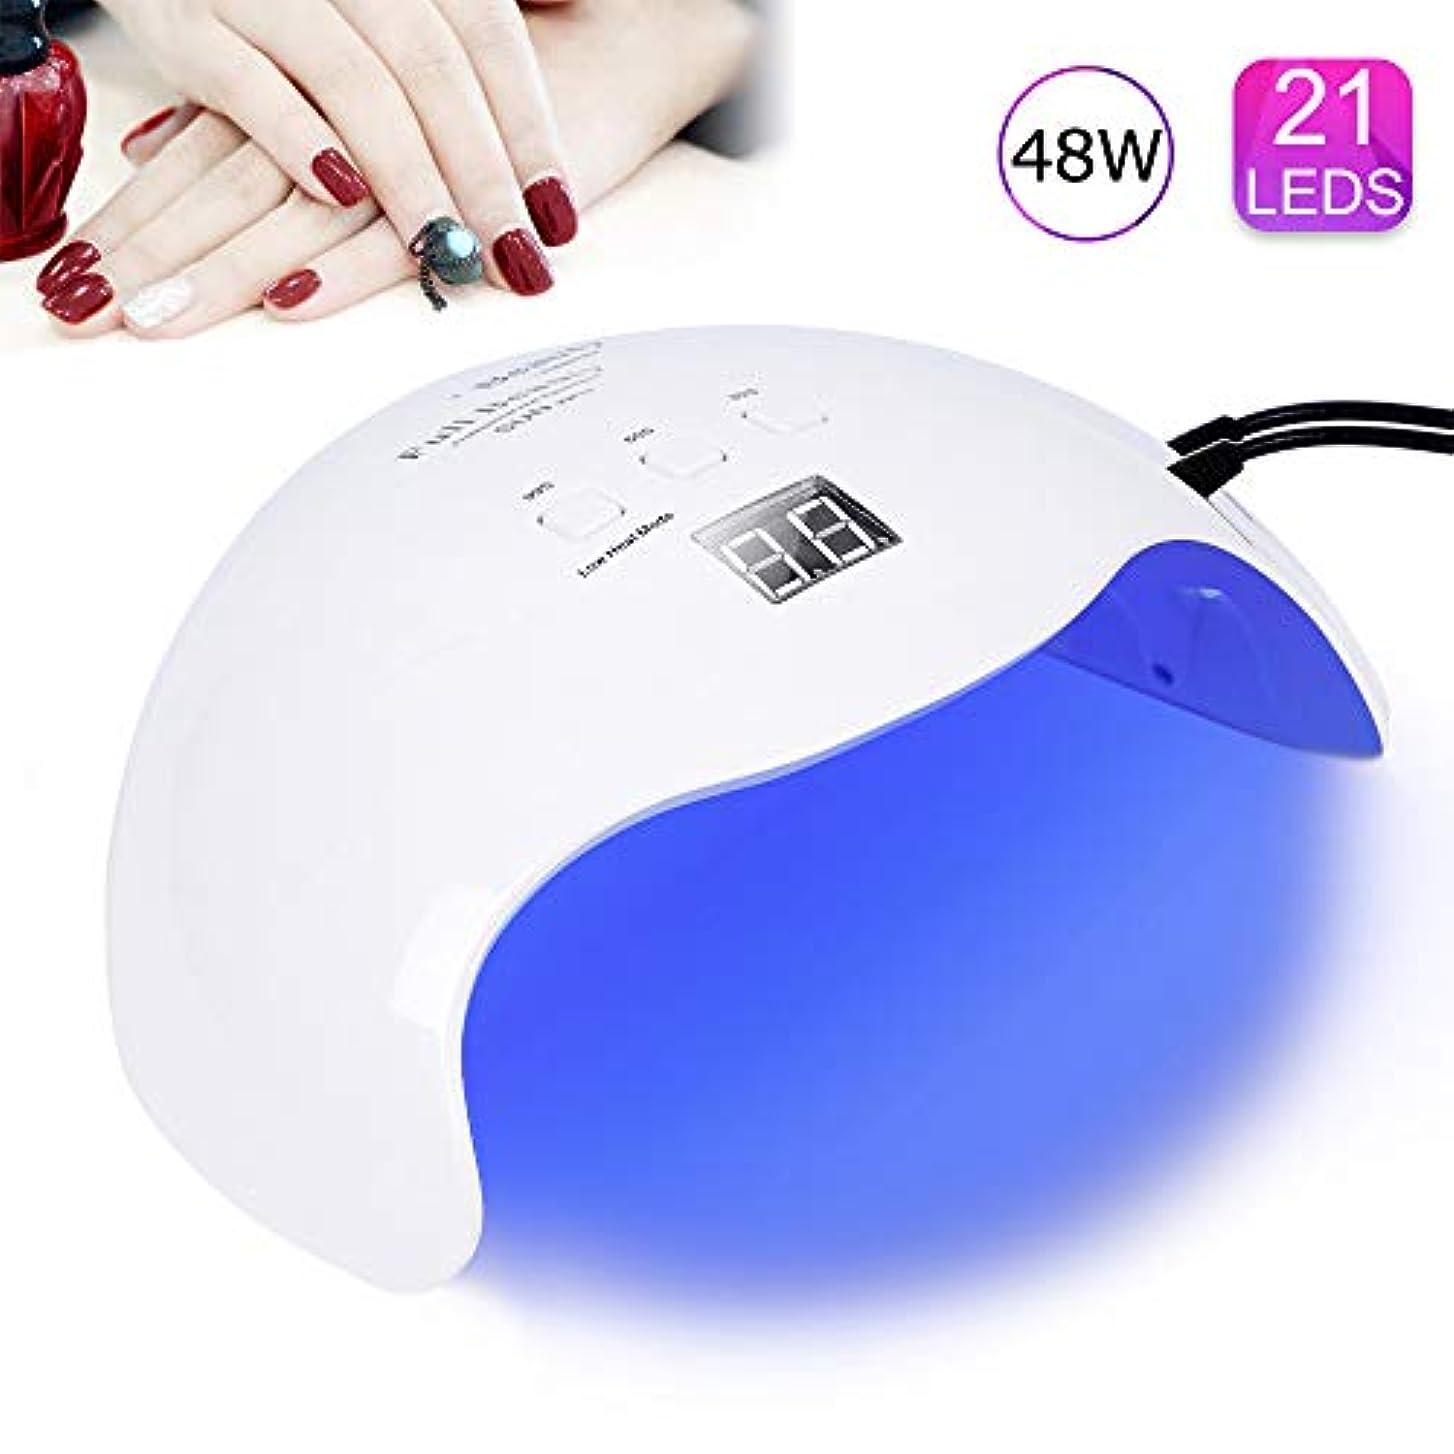 紫外線LEDネイルドライヤー、48Wサロン品質プロフェッショナルジェルライト、3タイマーセットネイルライト(30S、60S、99S)、インテリジェント自動検知、LEDデジタルディスプレイ、UVジェル/